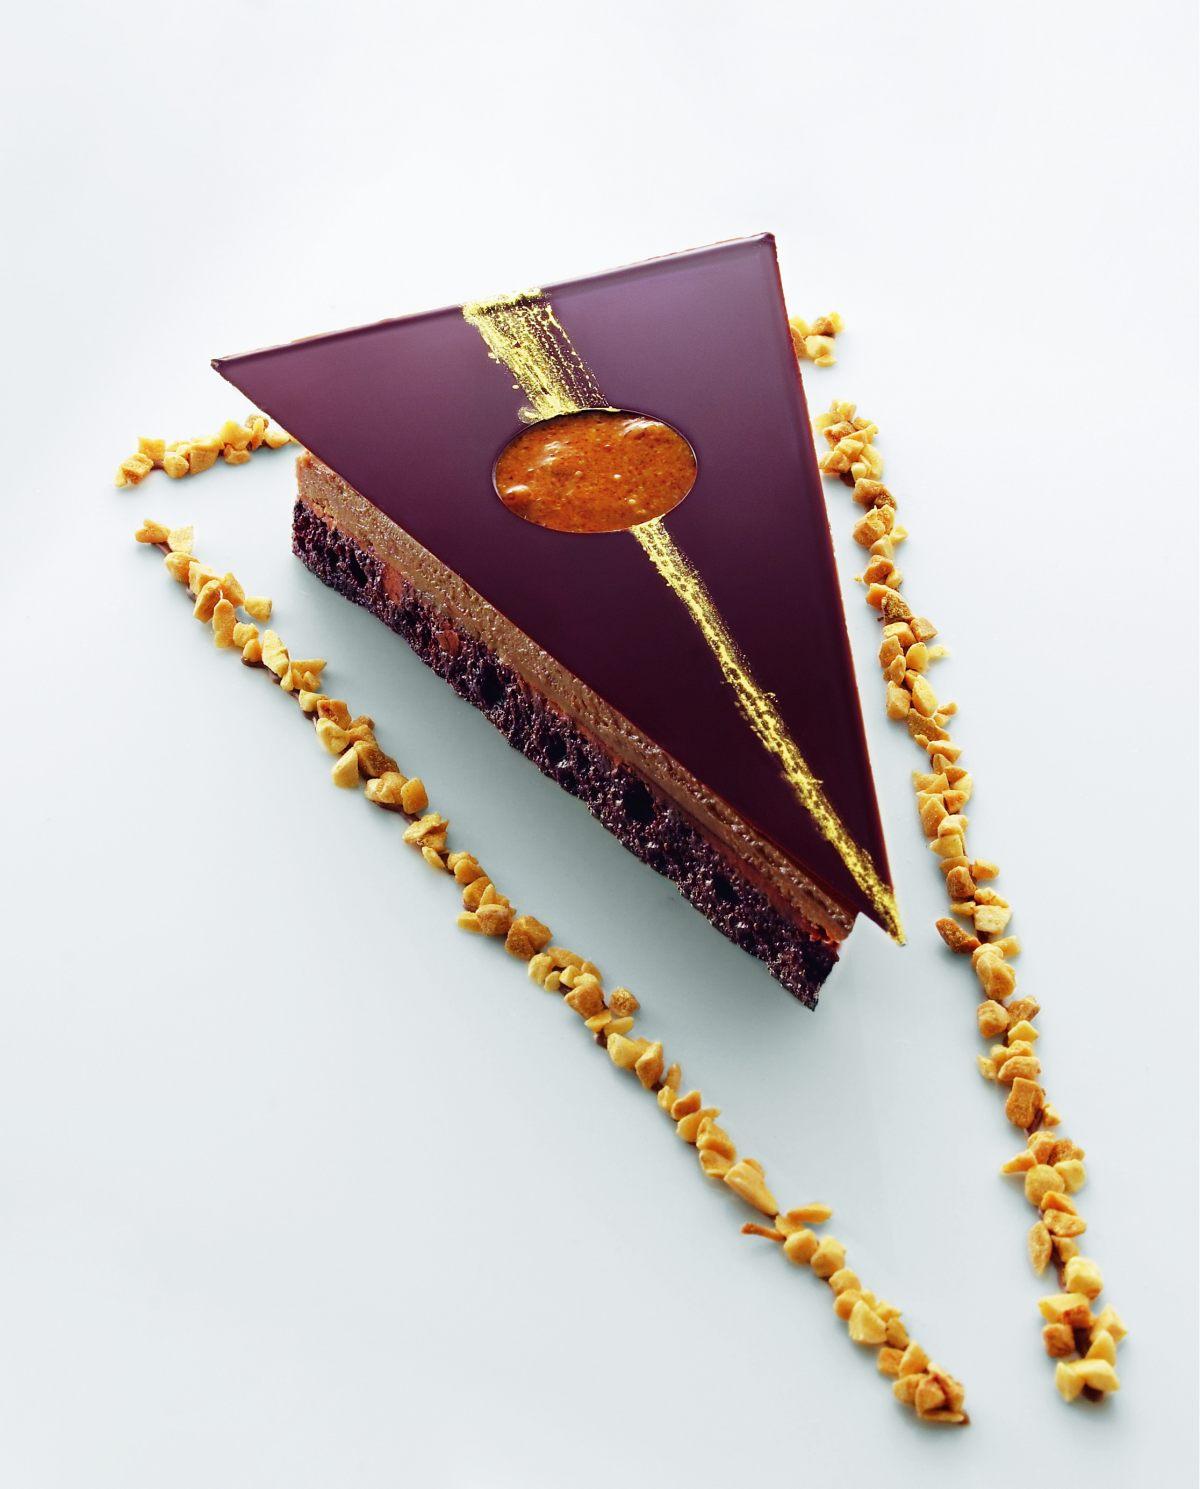 chocolat croustillant de christophe michalak